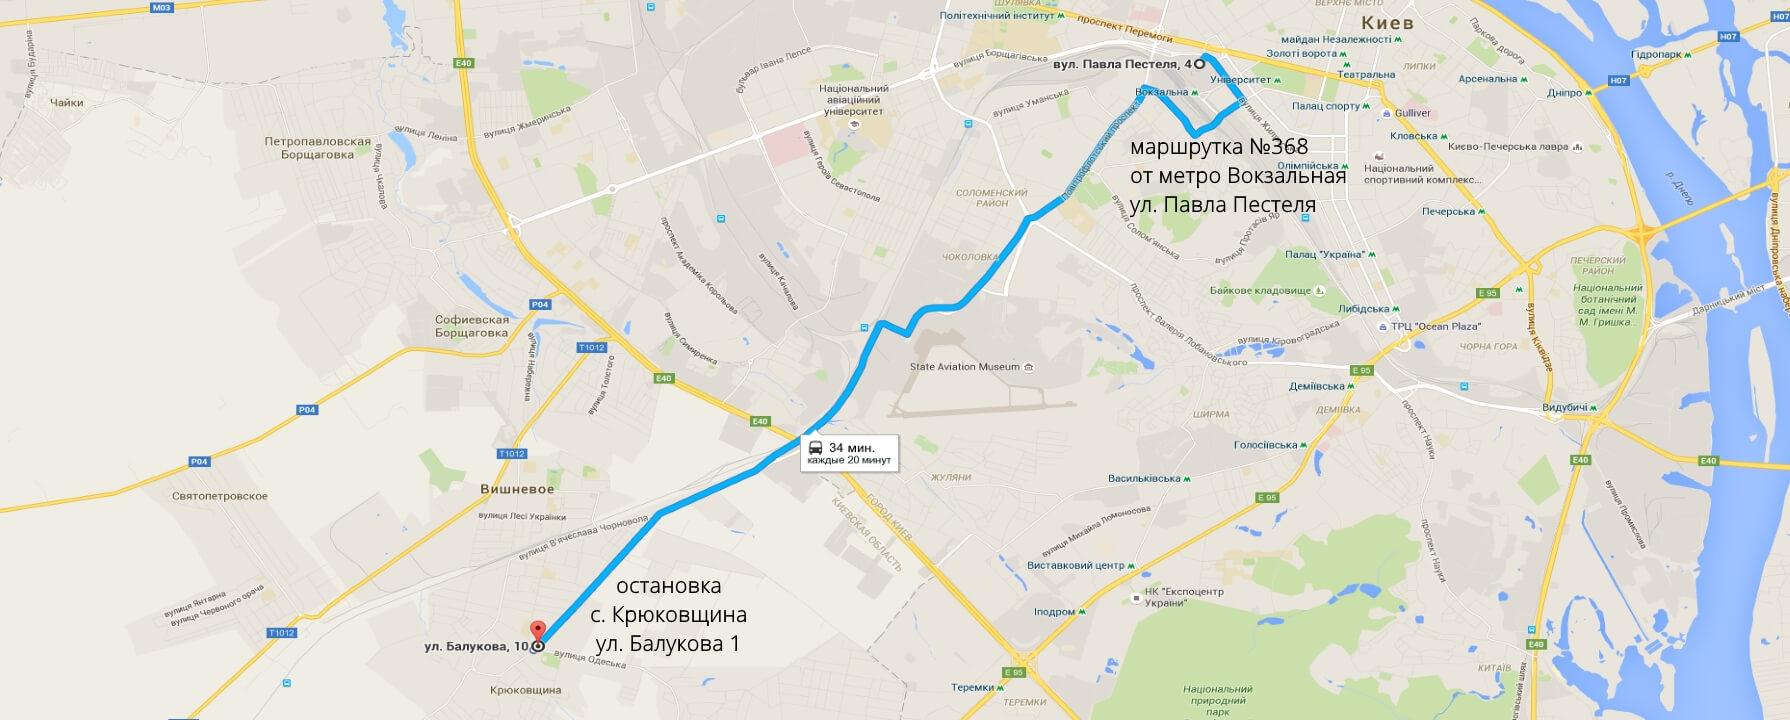 kak-dobratsya-ot-metro-vokzalnaya